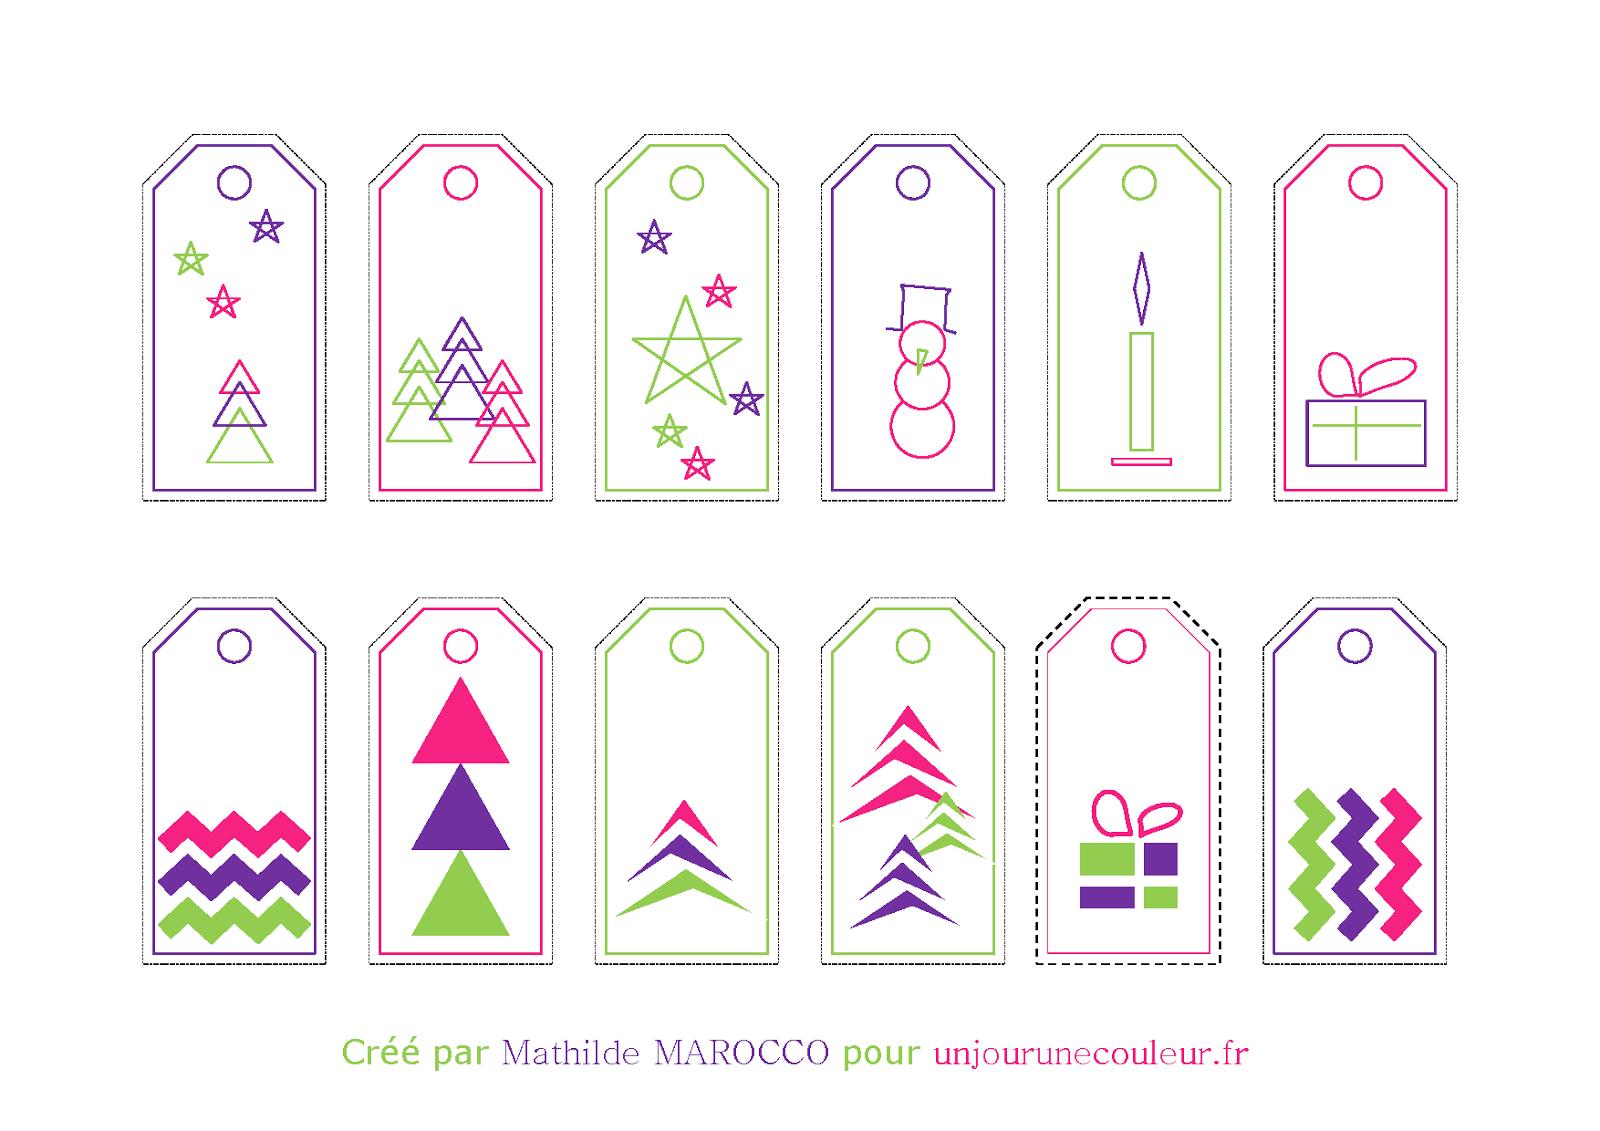 Petit Cadeau En Attendant Noël : Des Étiquettes Cadeaux tout Etiquette Noel A Imprimer